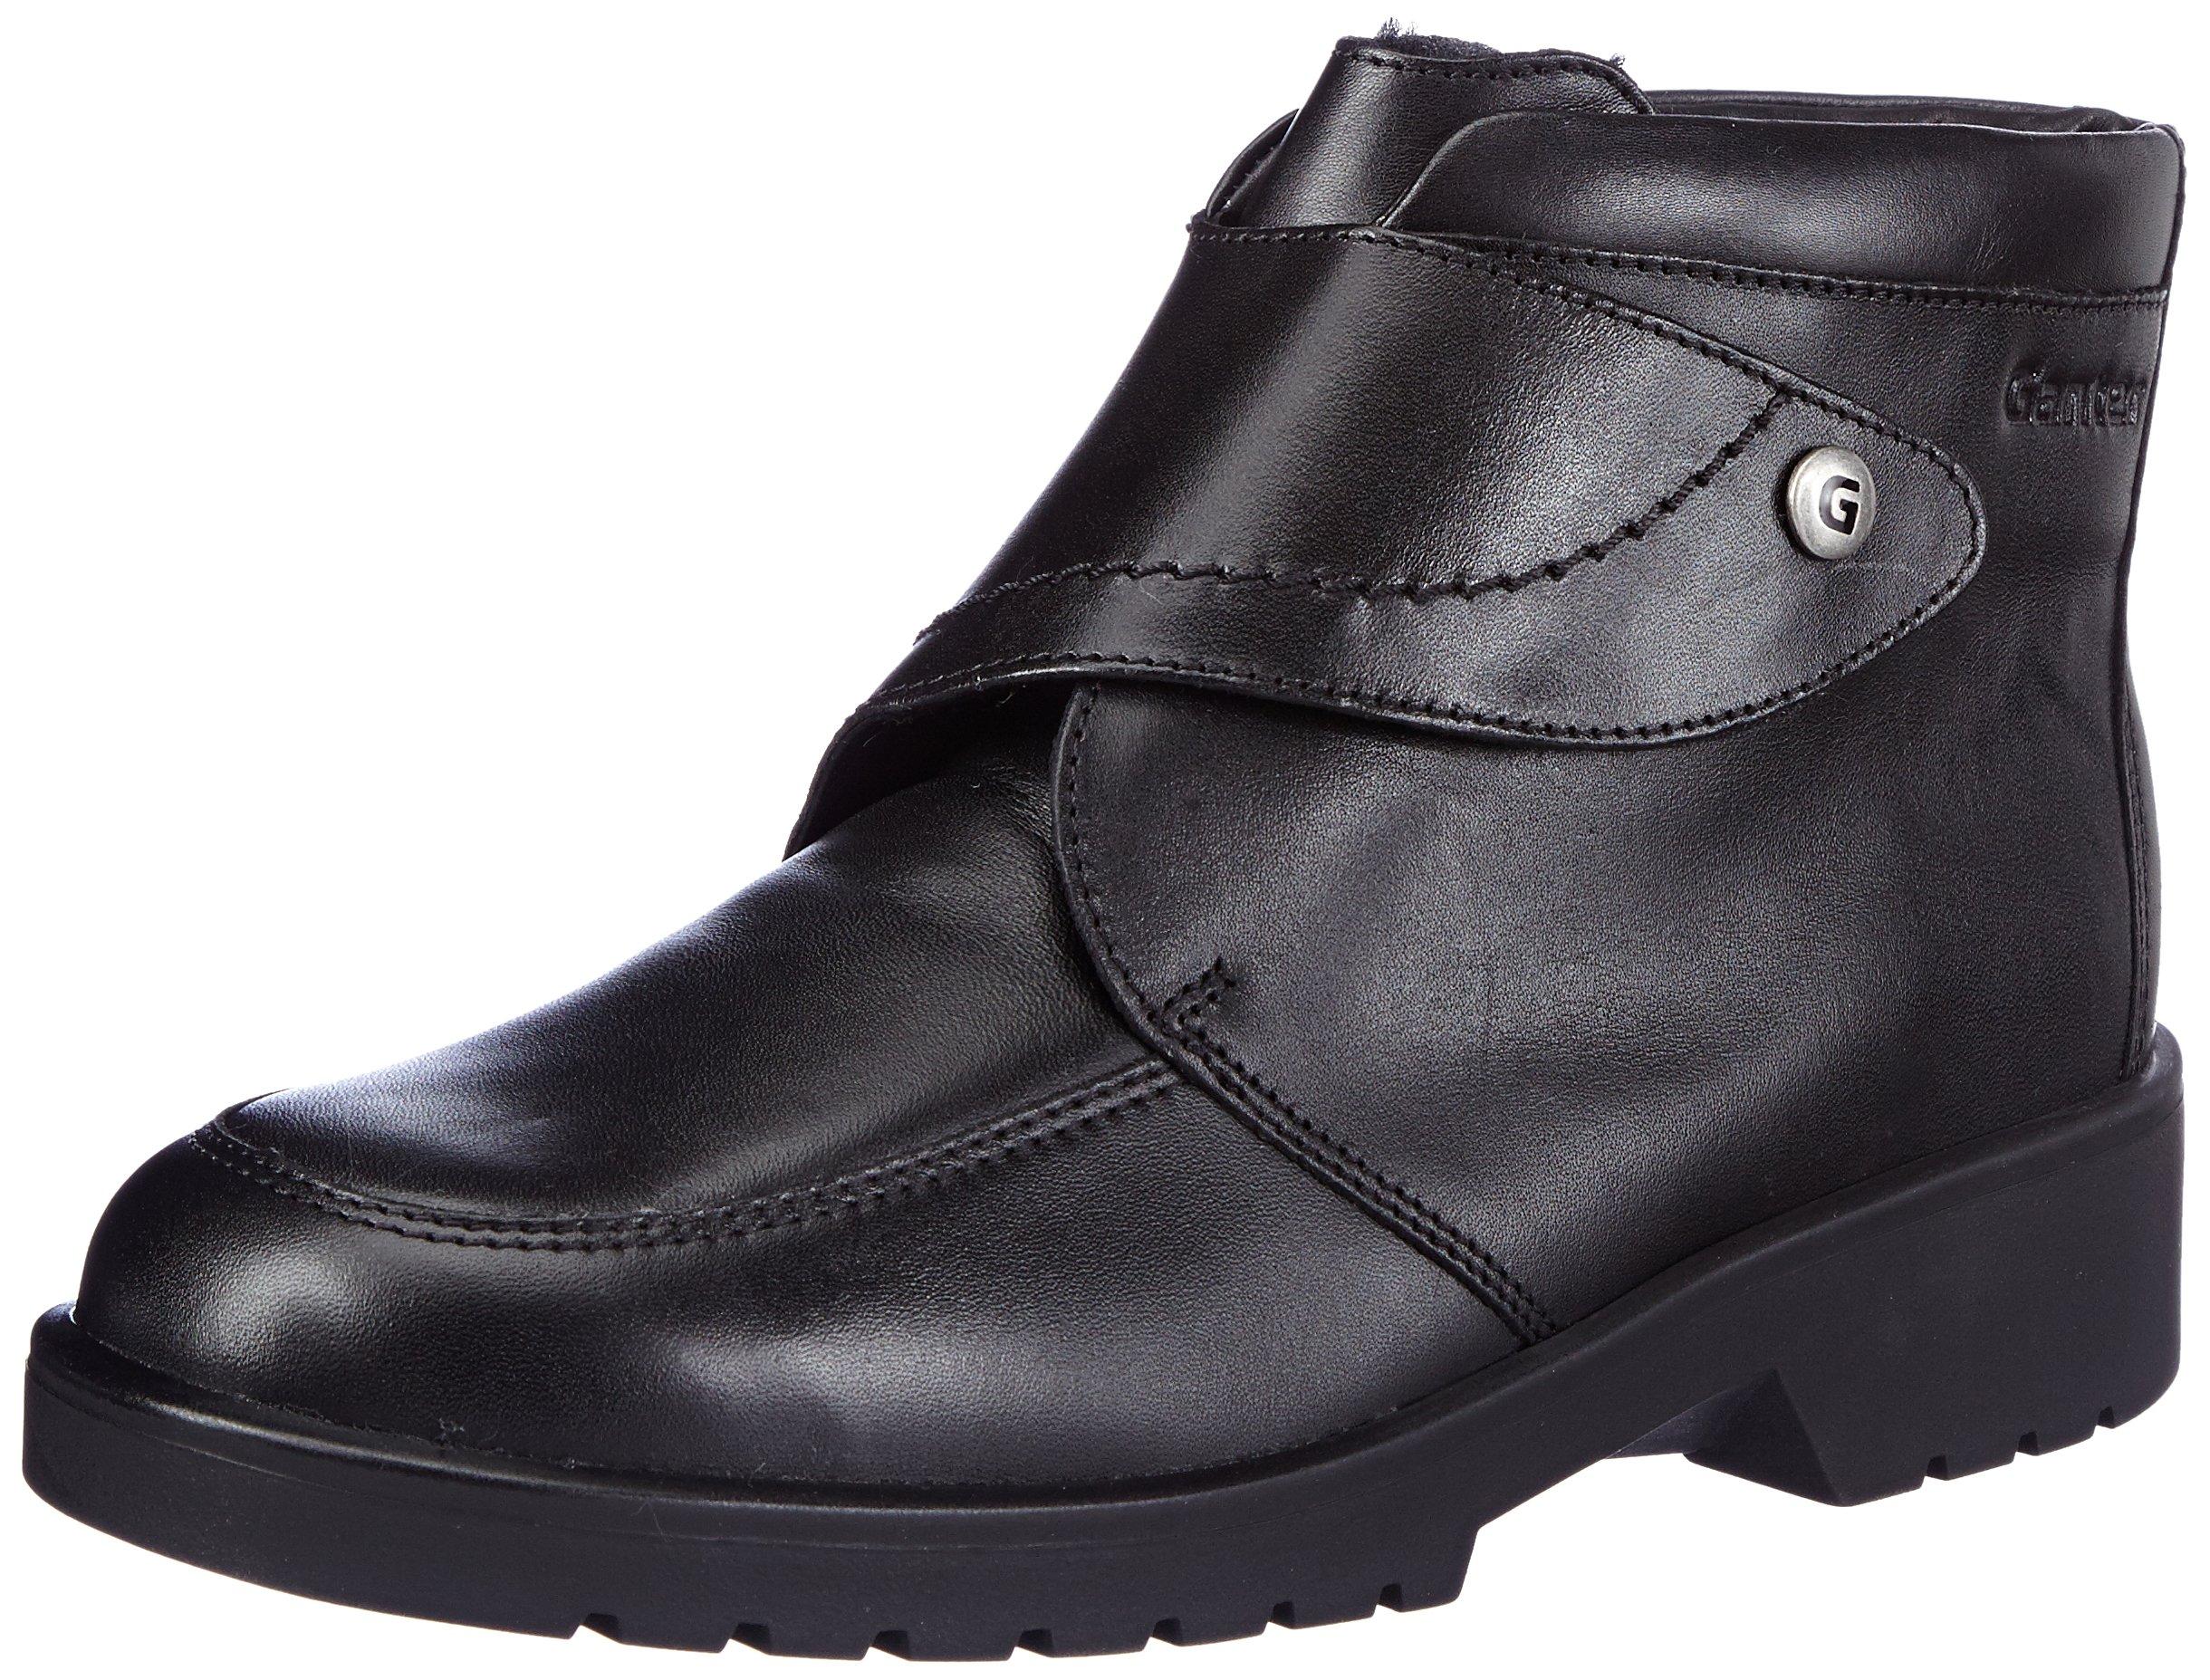 1621605, Bottines Non Doublées Femme - Noir - Noir (Black), 37 EUSupremo